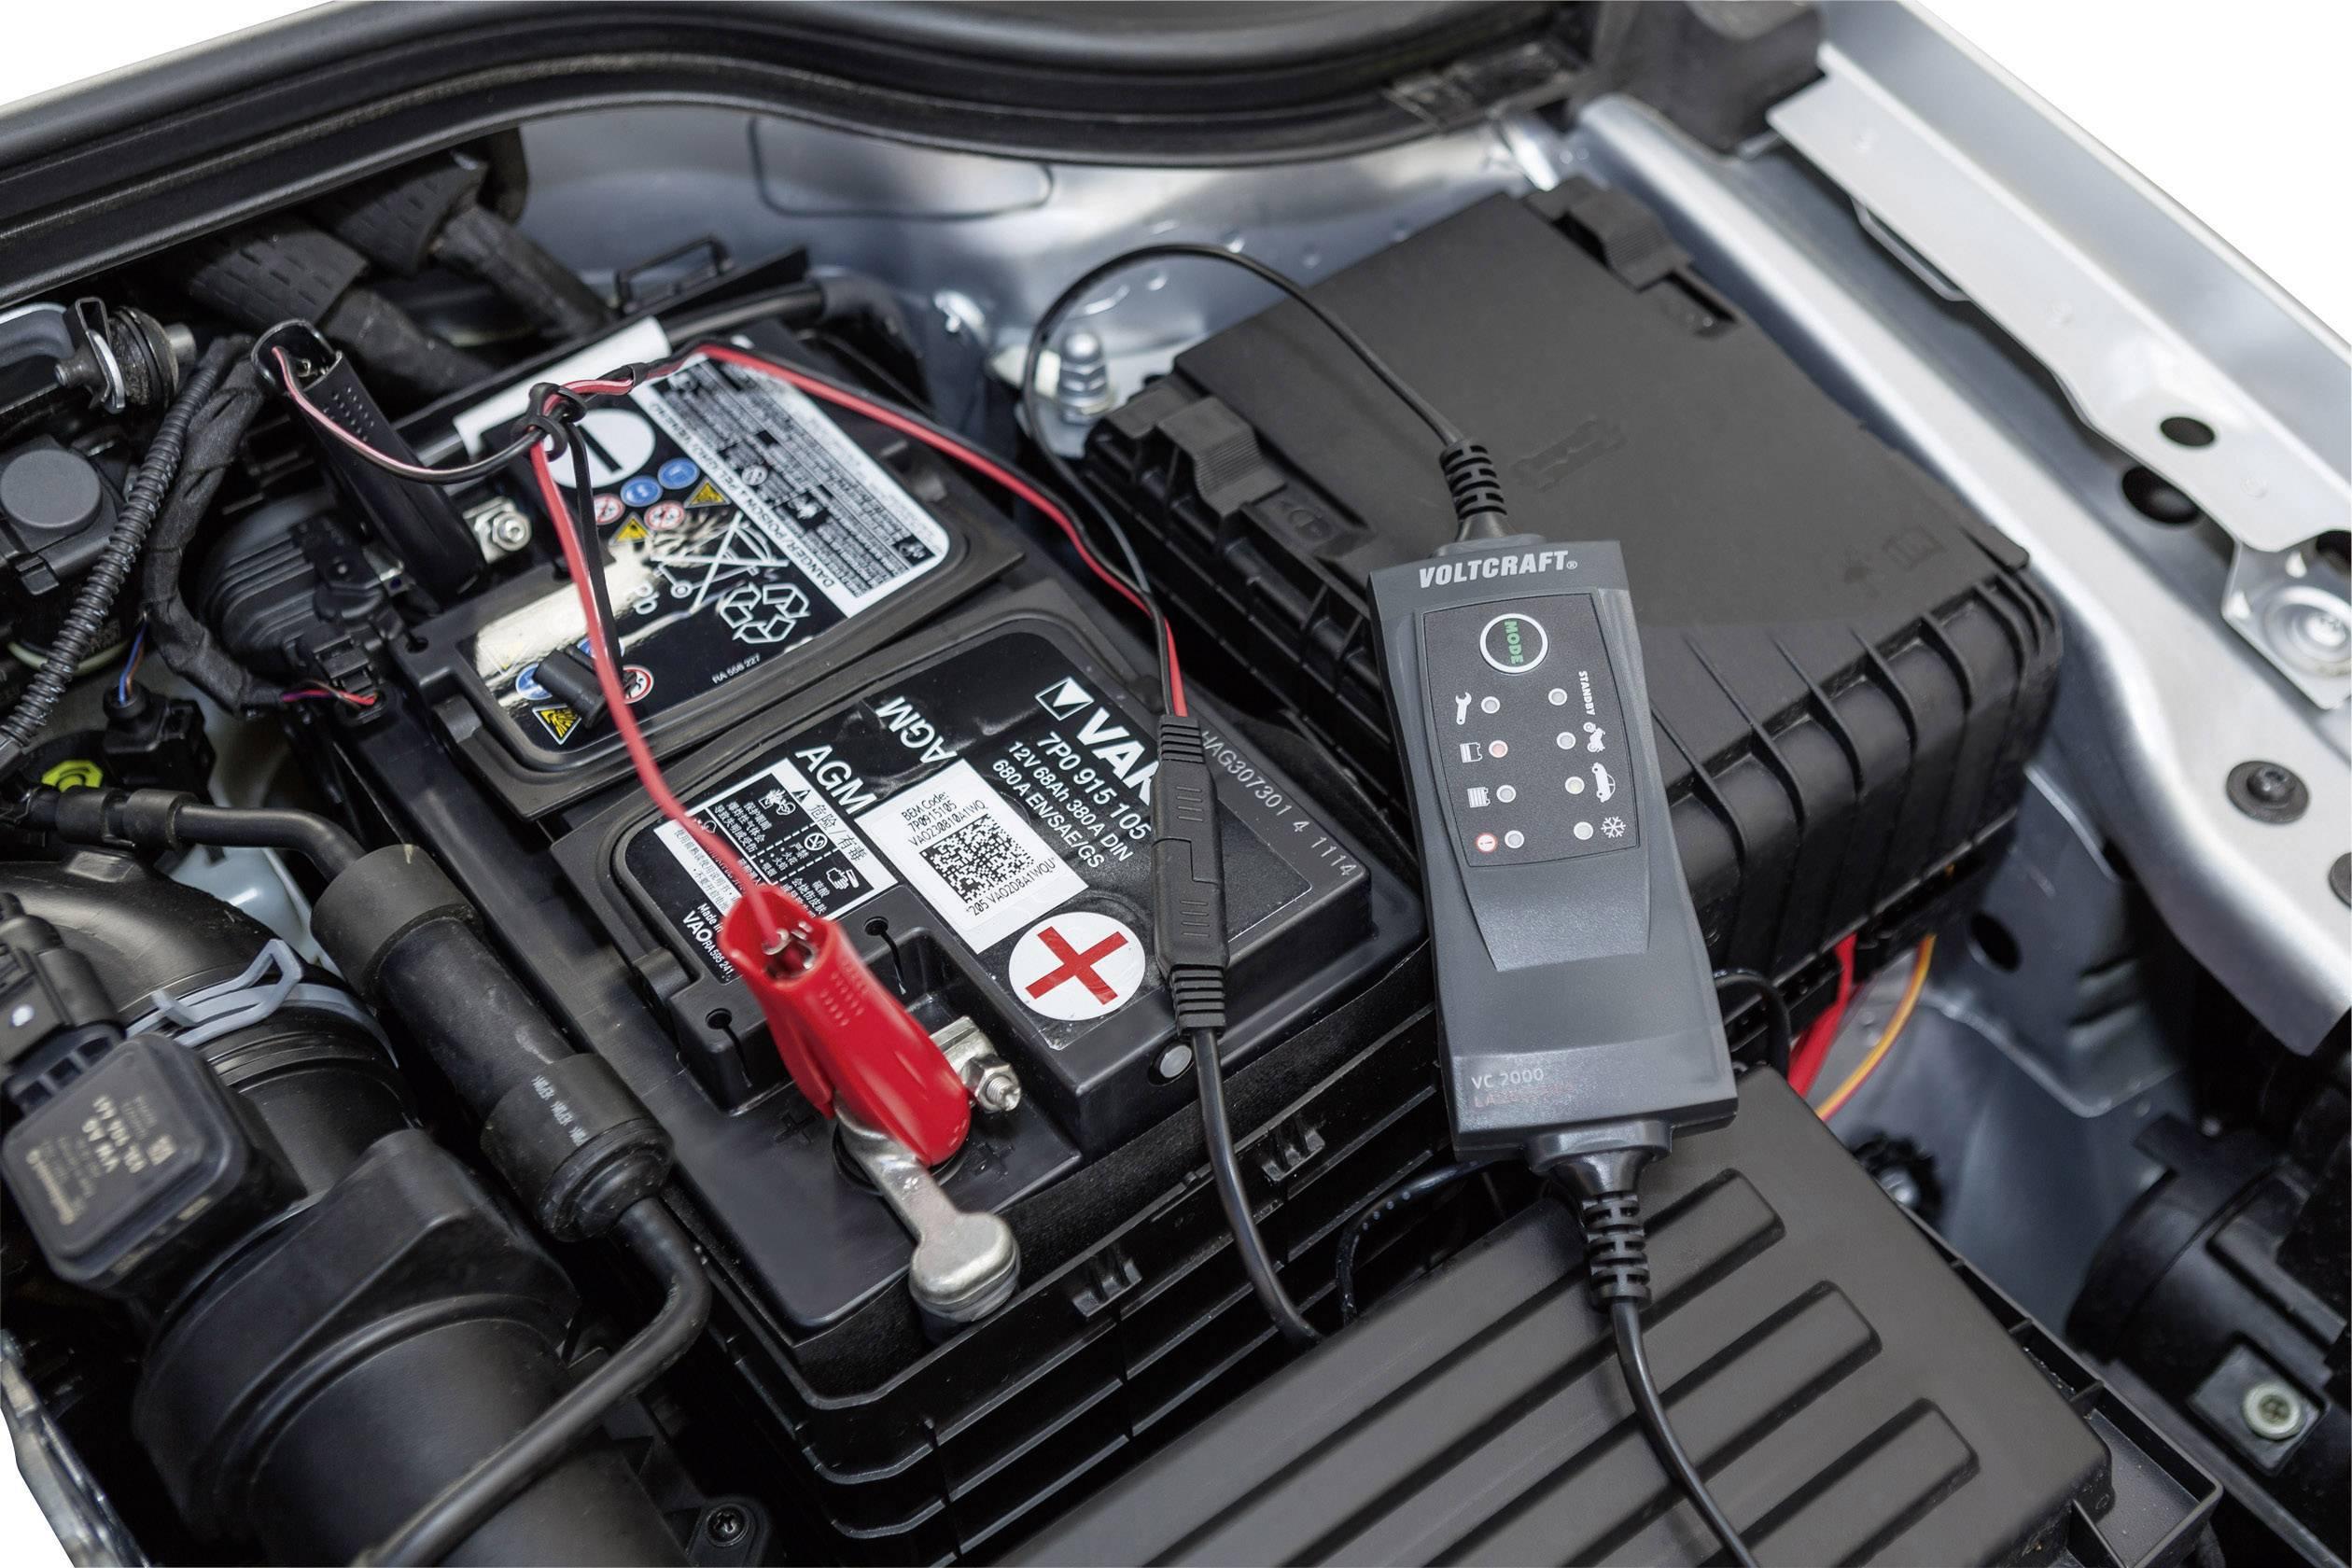 Automatická nabíječka autobaterií Voltcraft VC 2000, 1,5/5 A, 12 V